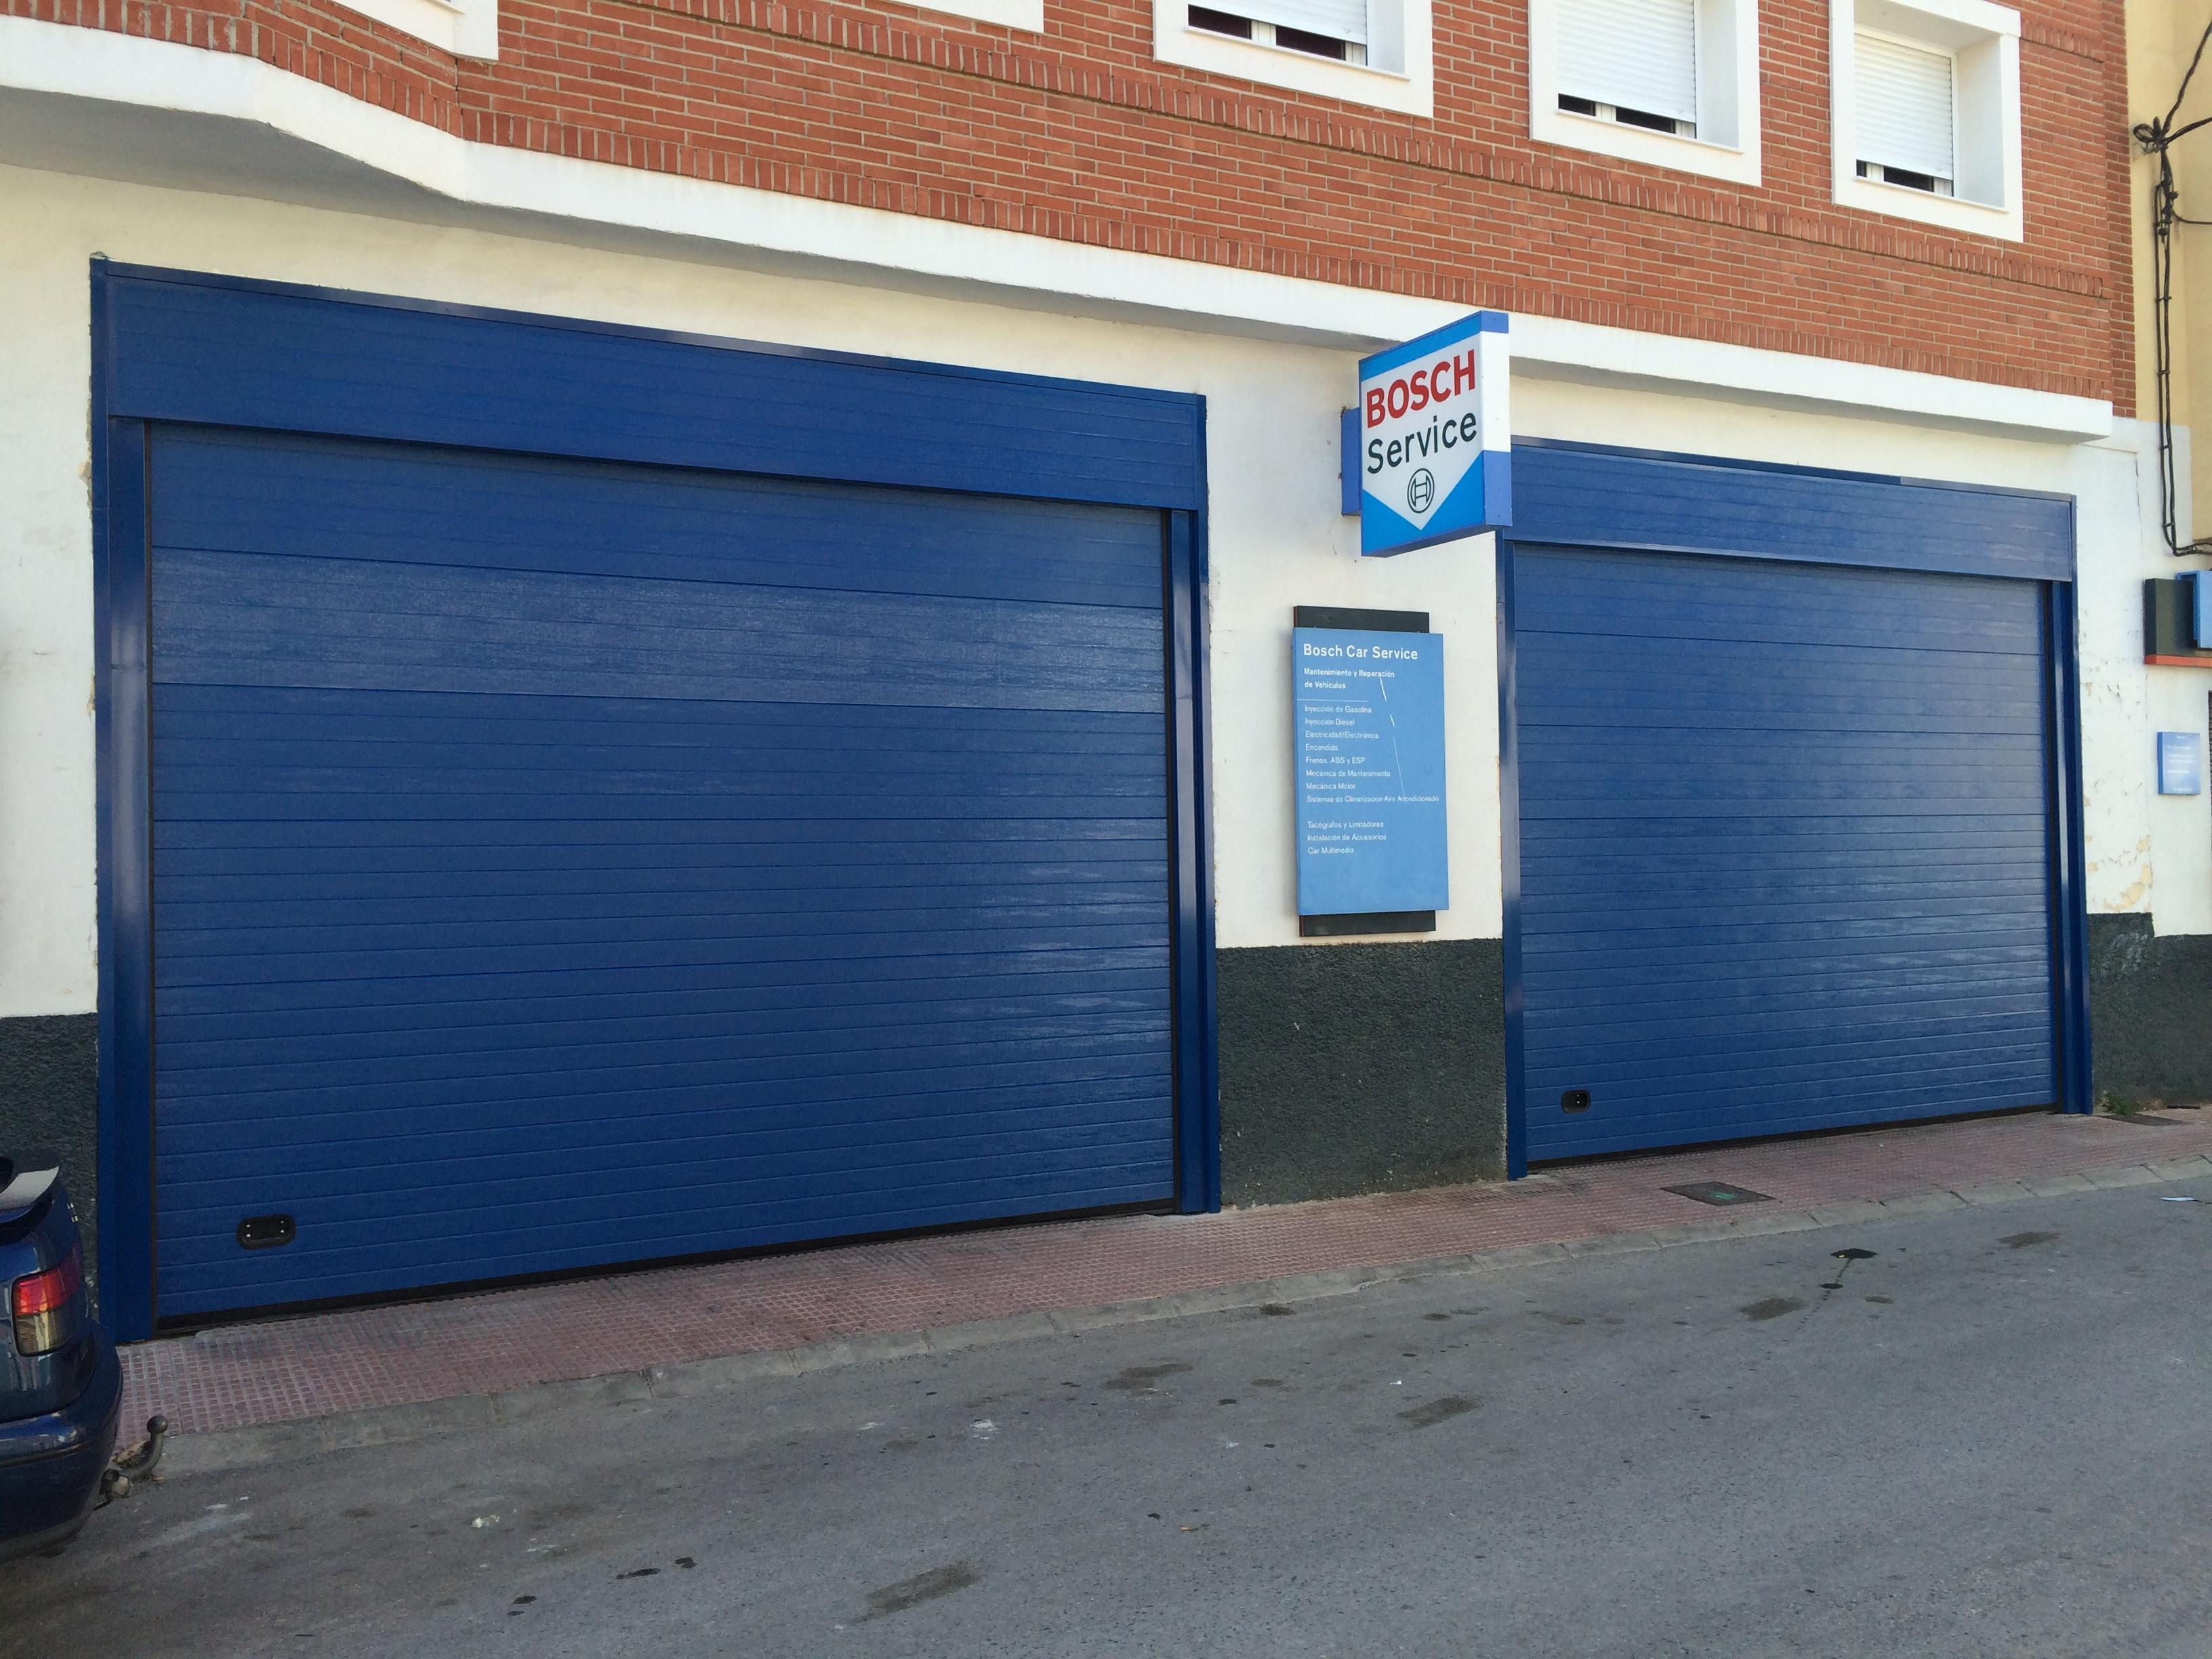 Puertas automaticas en murcia interesting comodidad con - Puertas automaticas en murcia ...